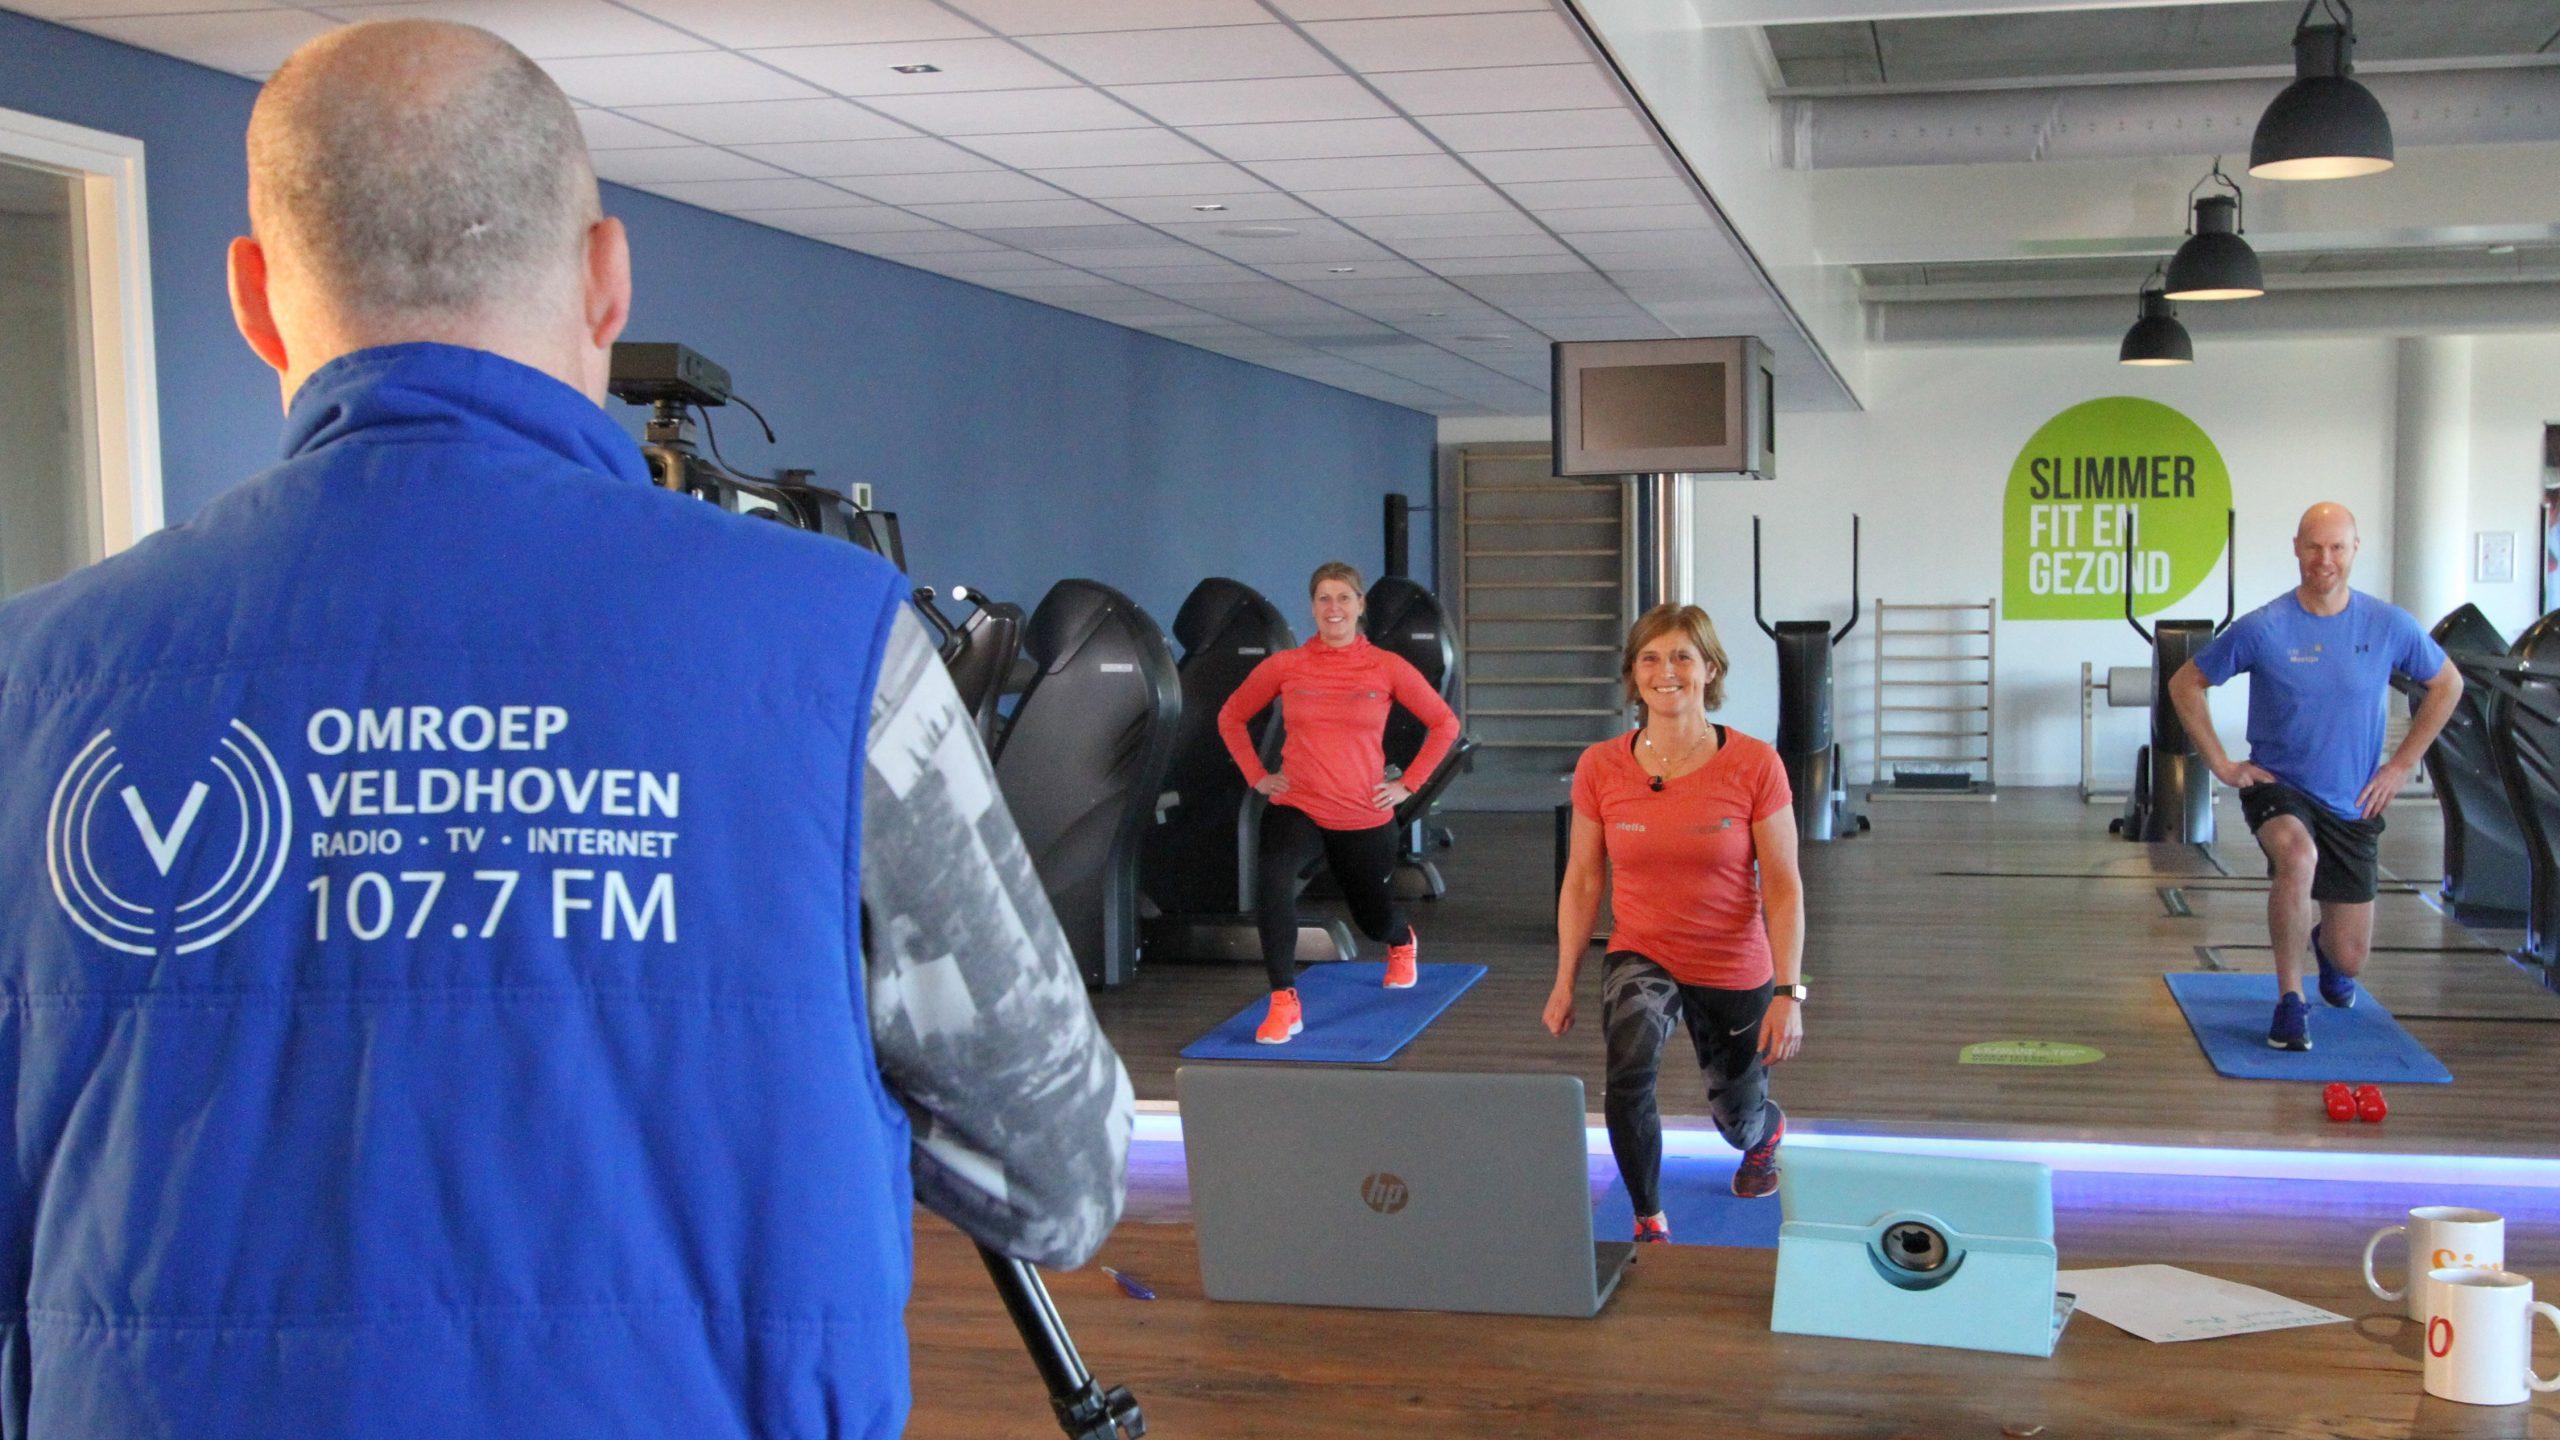 Promo foto voor de slim fit uitzending